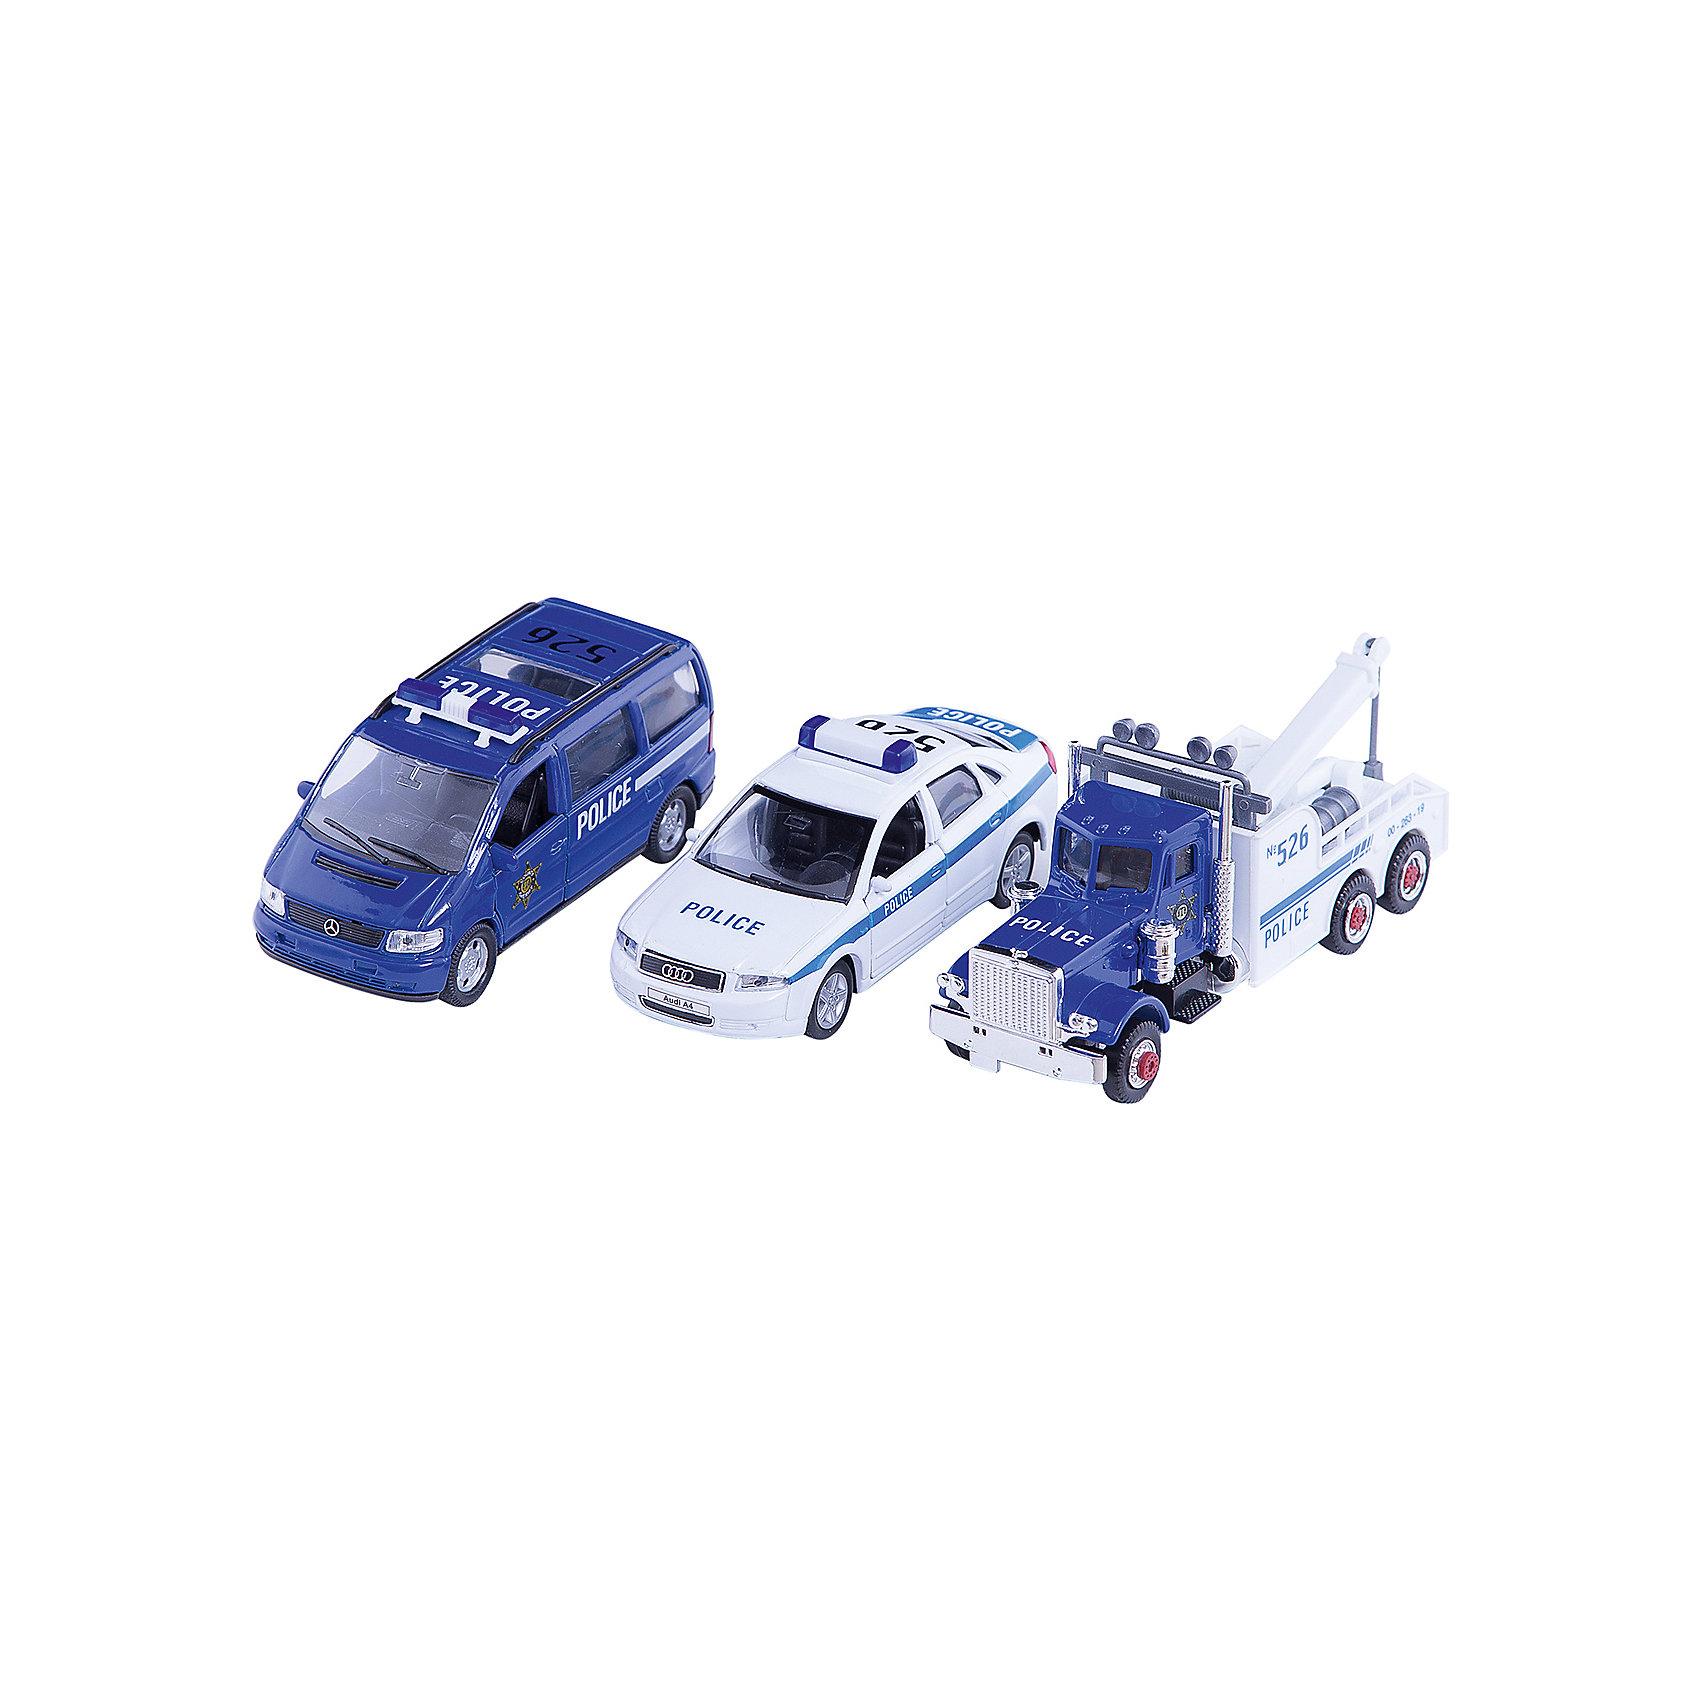 Welly Набор машин Полиция 3 штукиWelly Набор машин Полиция 3 штуки<br><br>Характеристики:<br><br>• Возраст: от 4 лет<br>• В комплекте: полицейская машина, легковой служебный автомобиль и буксировщик<br>• Материал: металл, пластик<br>• Цвет: белый, синий<br><br>Игровой набор включает в себя уменьшенную копию полицейской машины, а также легковой служебный автомобиль и буксировщик. Кроме этого в комплекте идут все необходимые аварийные знаки, столбики и указатели. Все это поможет ребенку создать целый спектакль. Все игрушки сделаны из качественного материала, который не только безопасен для ребенка, но еще и очень крепок. <br><br>Welly Набор машин Полиция 3 штуки можно купить в нашем интернет-магазине.<br><br>Ширина мм: 155<br>Глубина мм: 60<br>Высота мм: 200<br>Вес г: 448<br>Возраст от месяцев: 84<br>Возраст до месяцев: 1188<br>Пол: Мужской<br>Возраст: Детский<br>SKU: 2150025